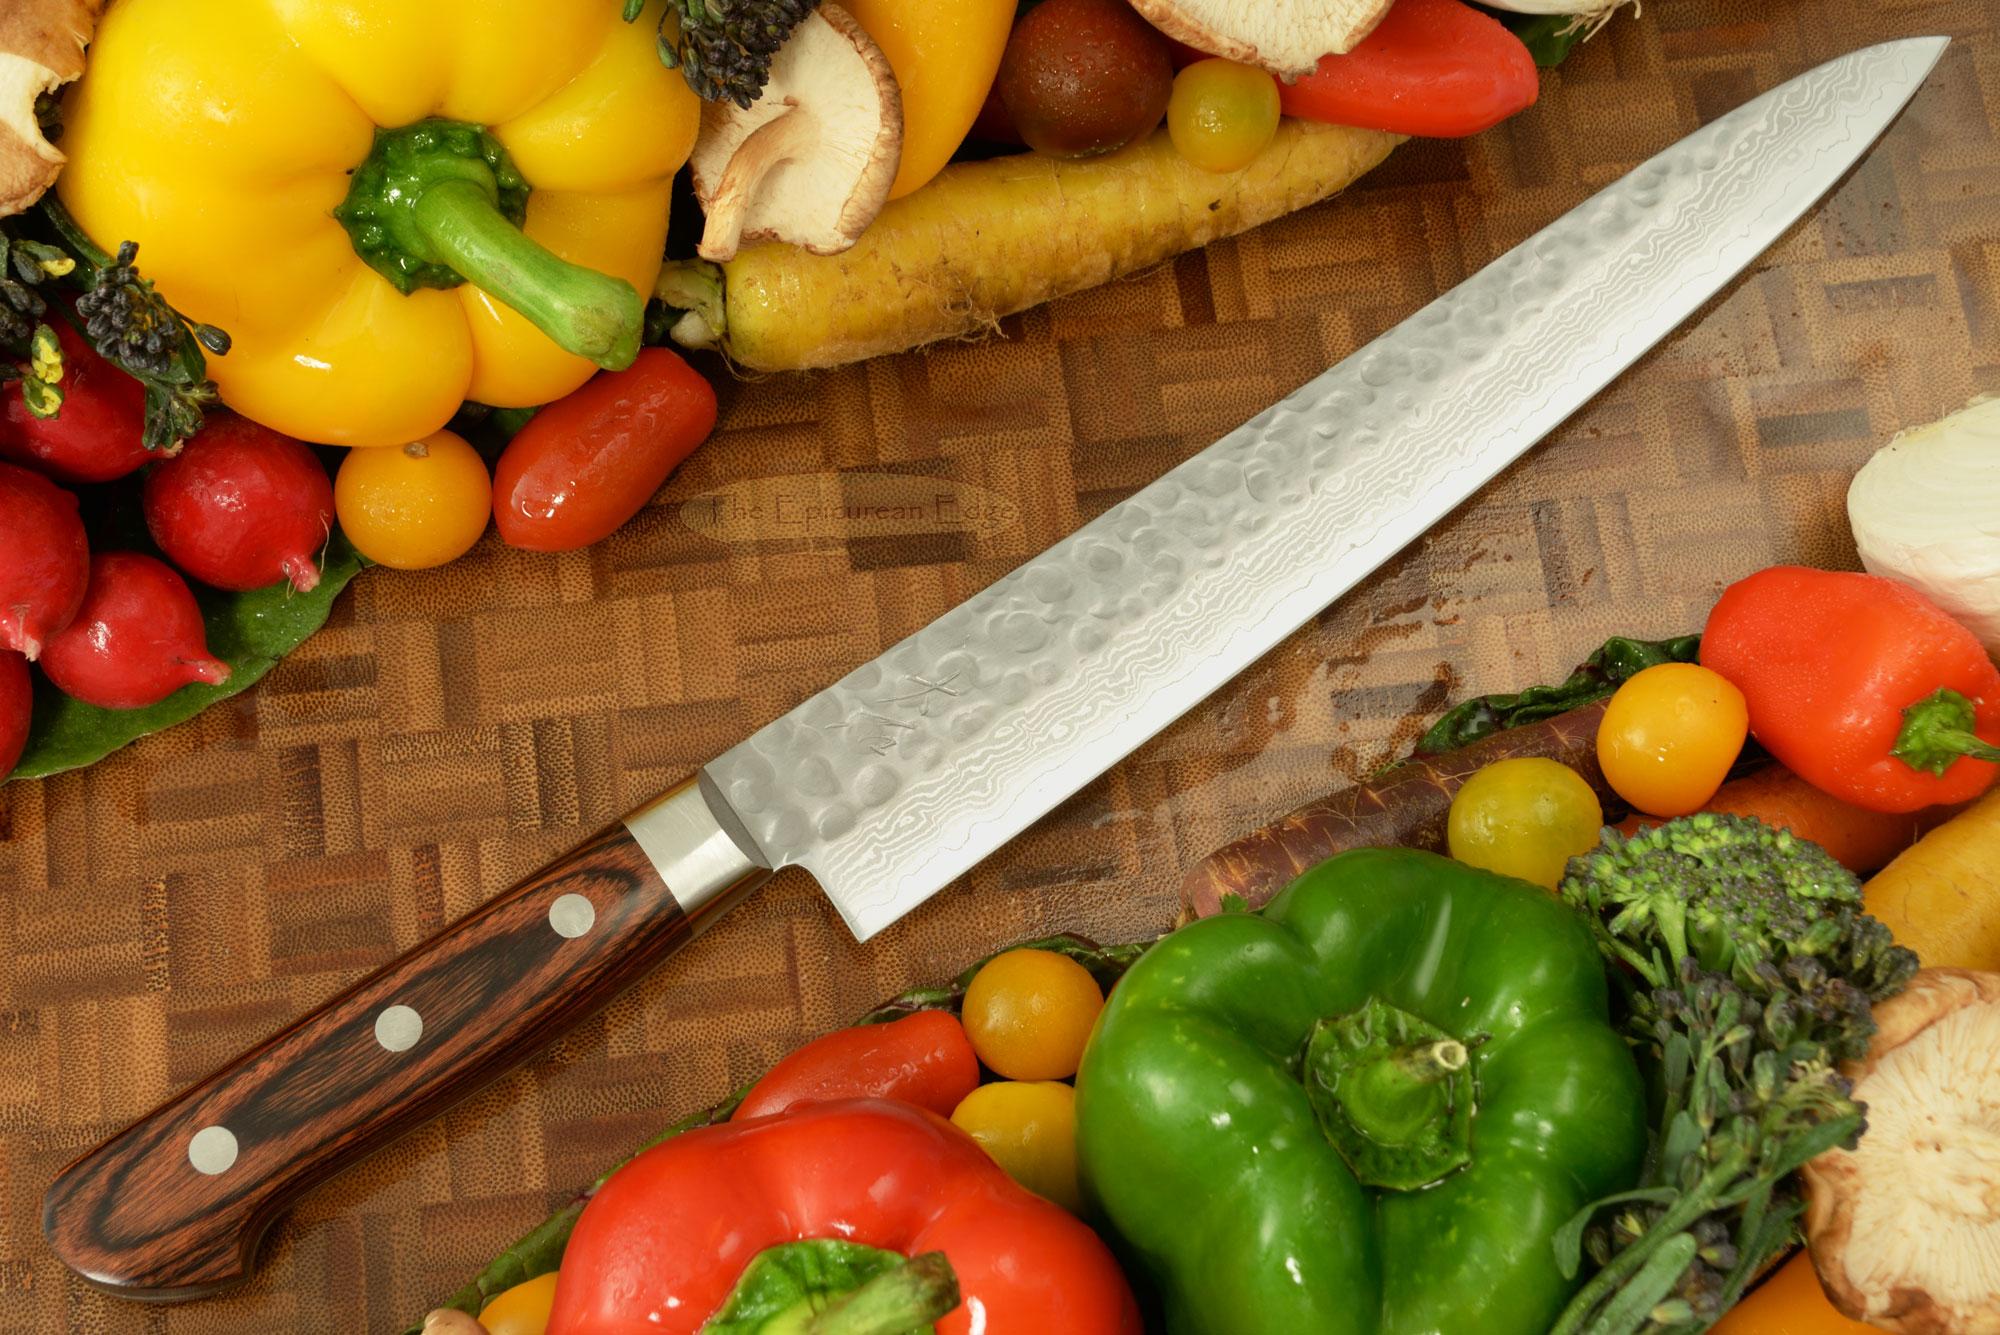 Carving Knife - Sujihiki - 9 1/2 in. (240mm) WGAU24-09-5sp